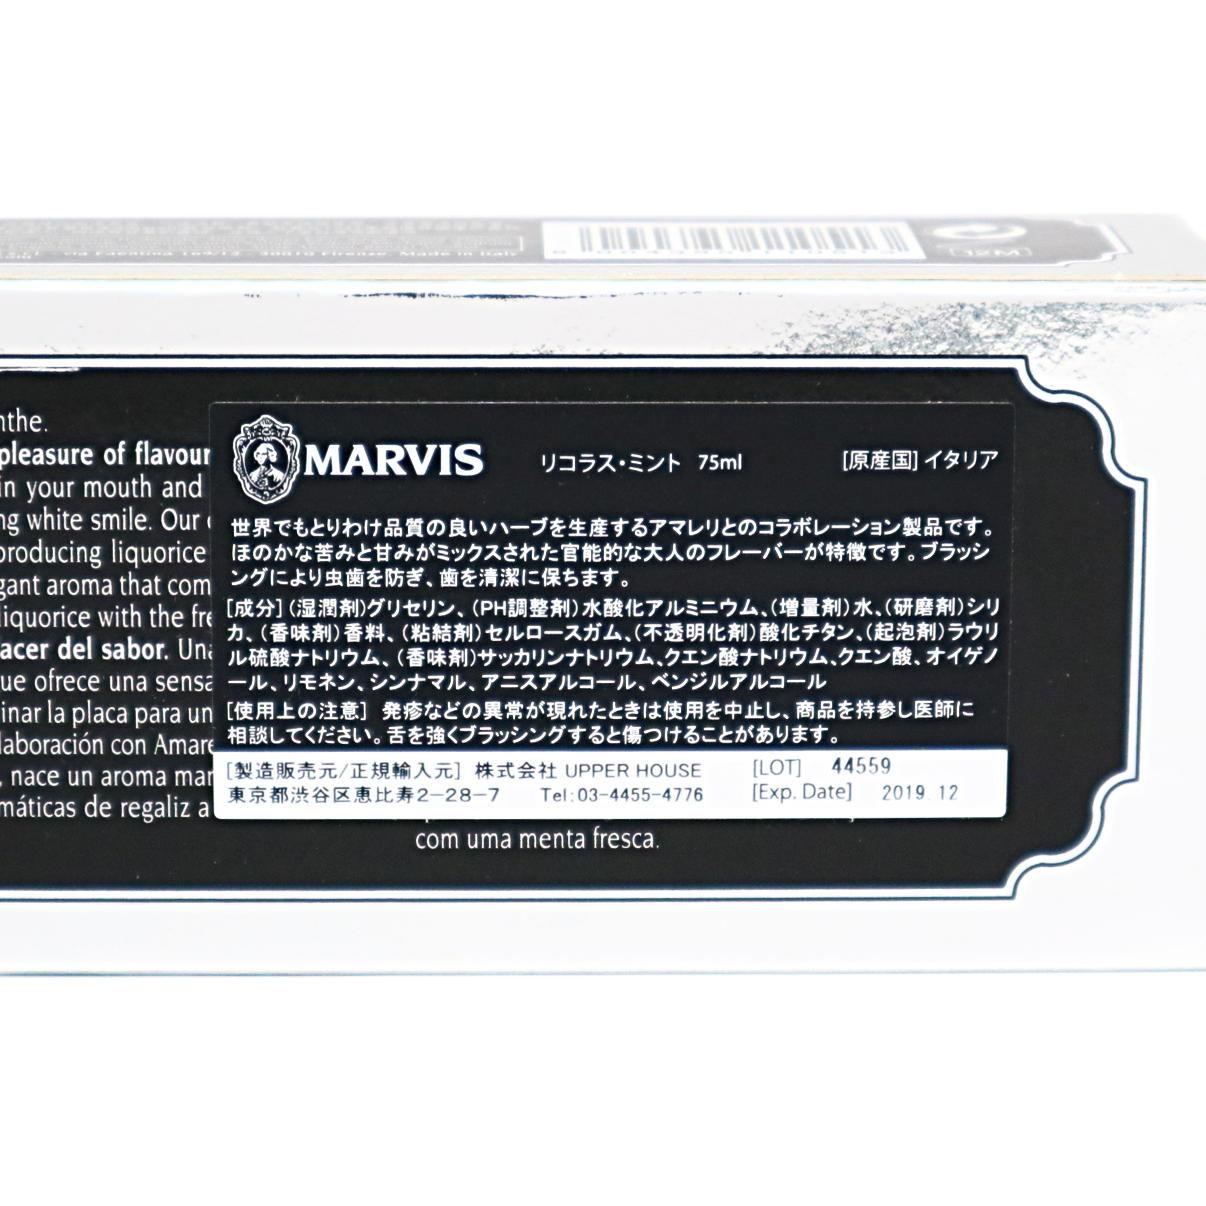 リコラス・ミント/MARVIS(歯磨き粉)